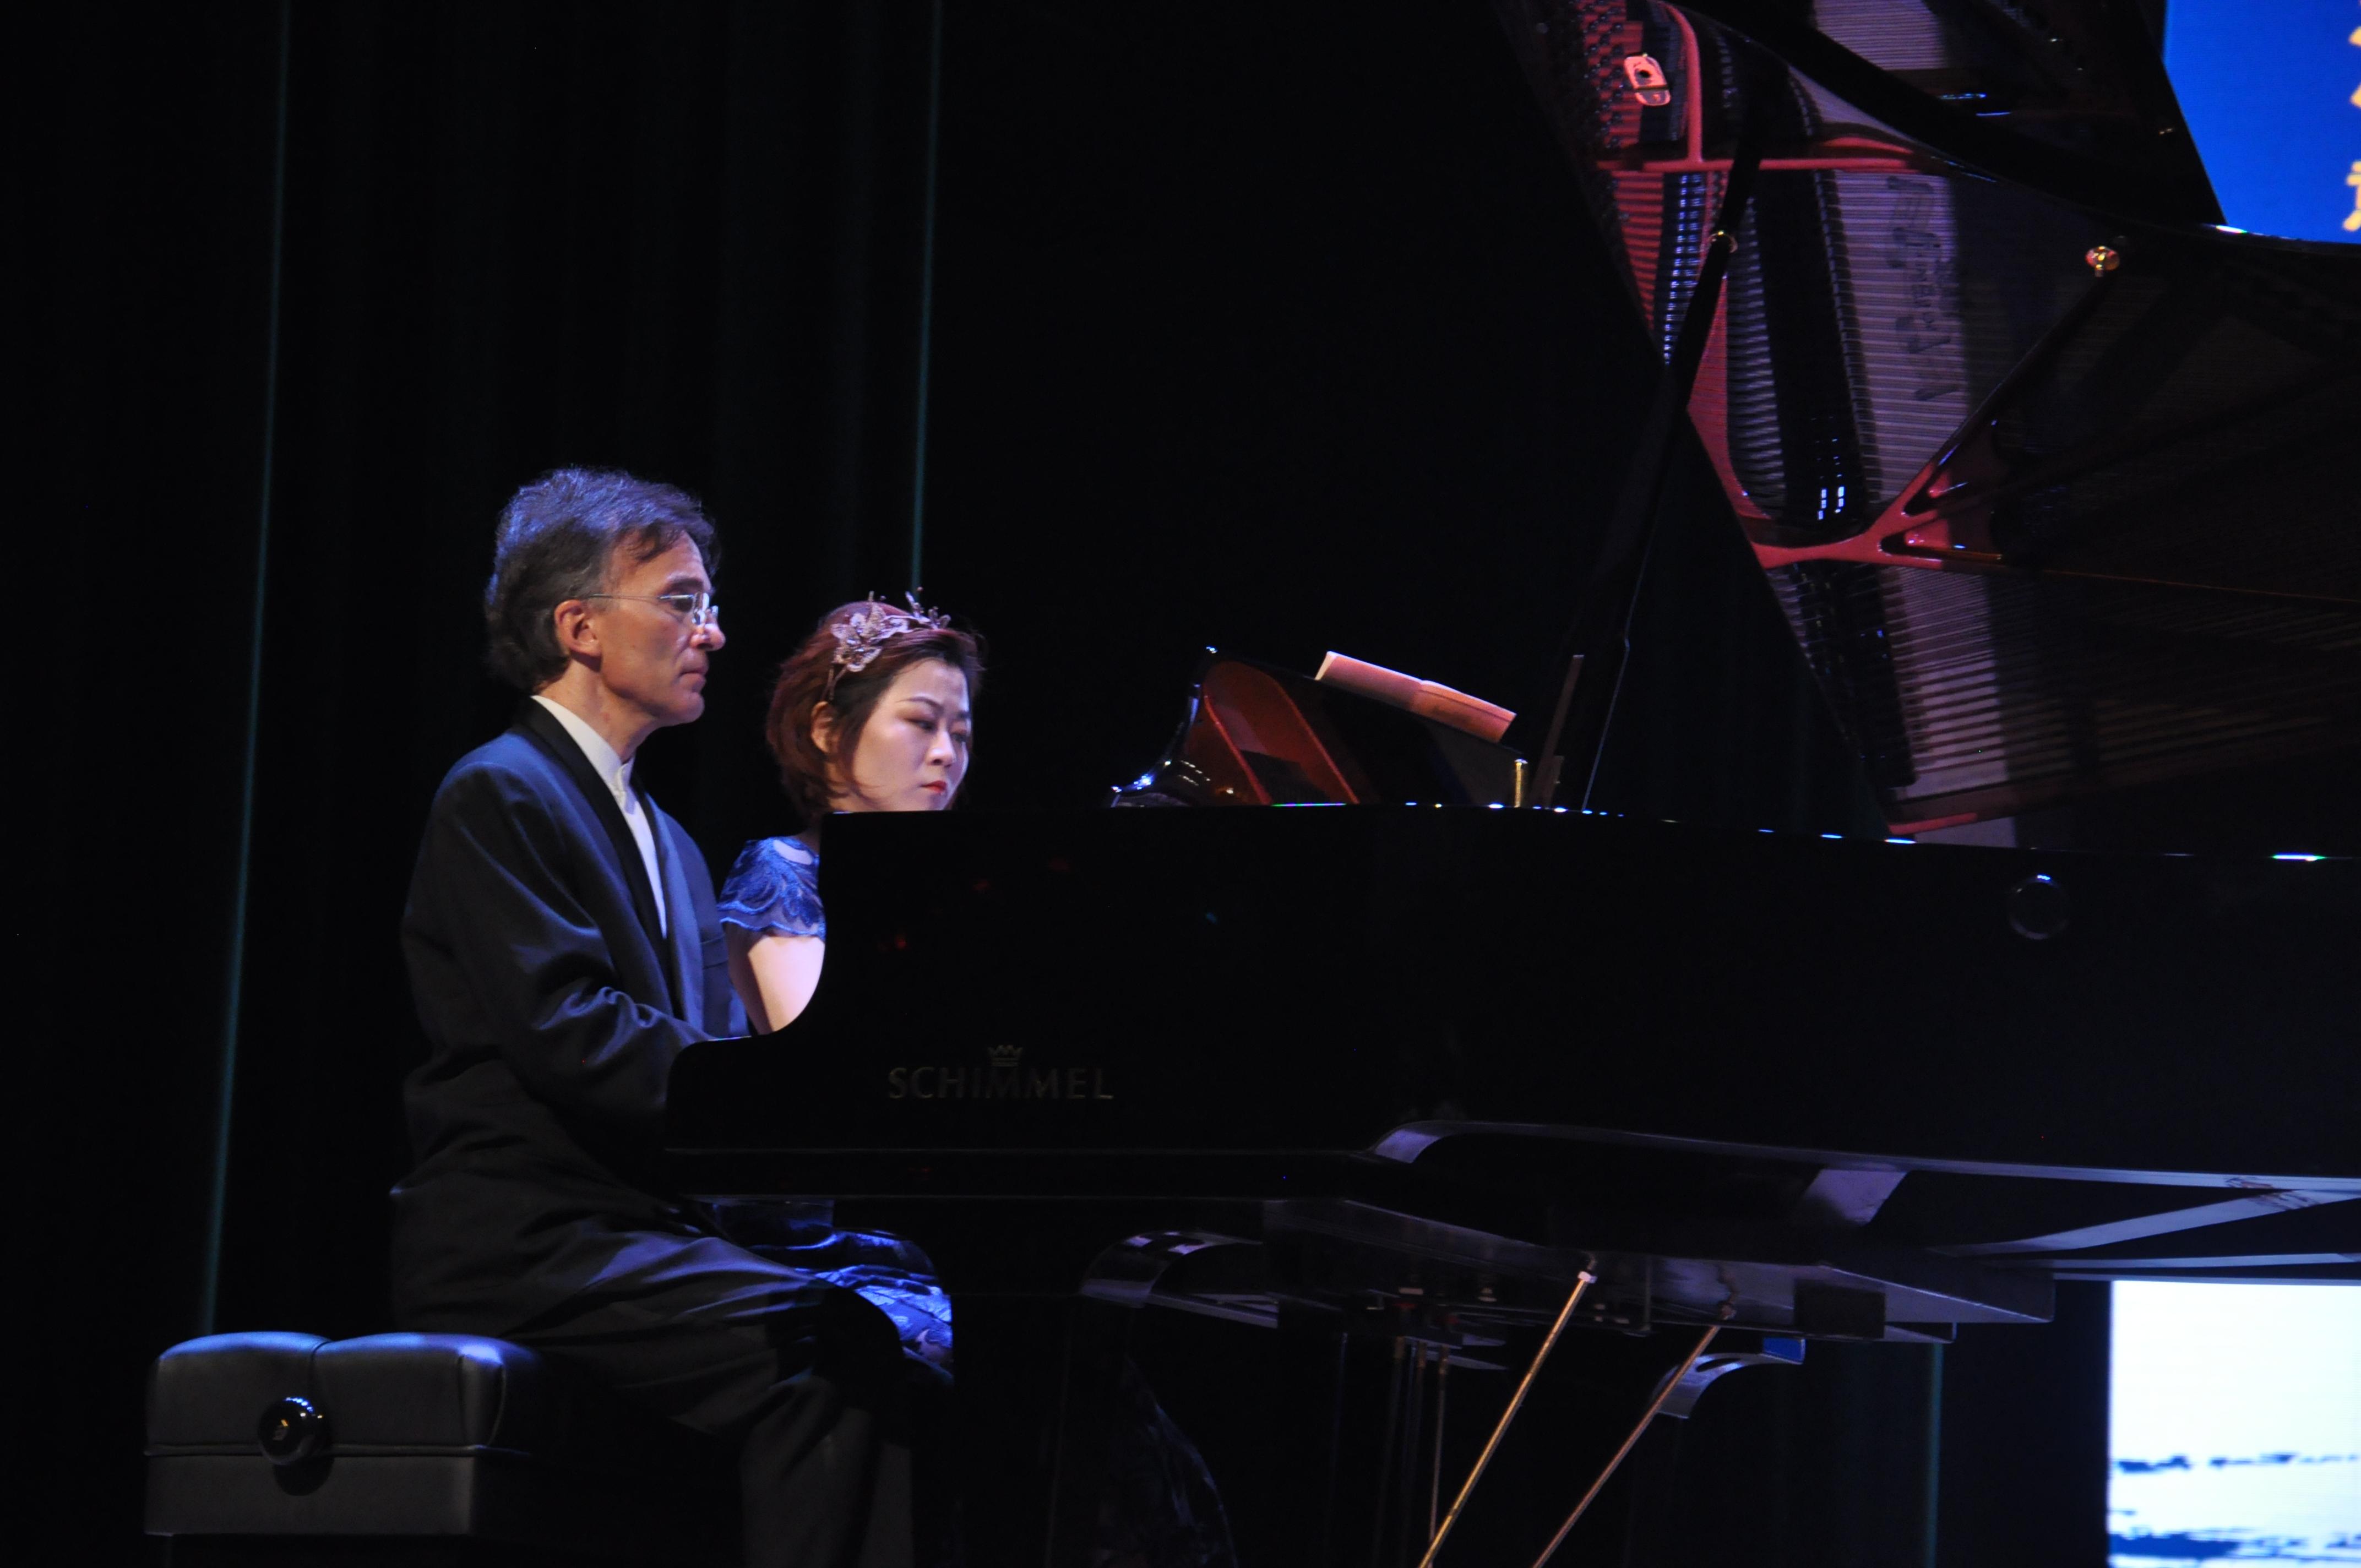 大师首演 | 2018年德国SCHIMMEL钢琴中国巡回演出广州站精彩回顾